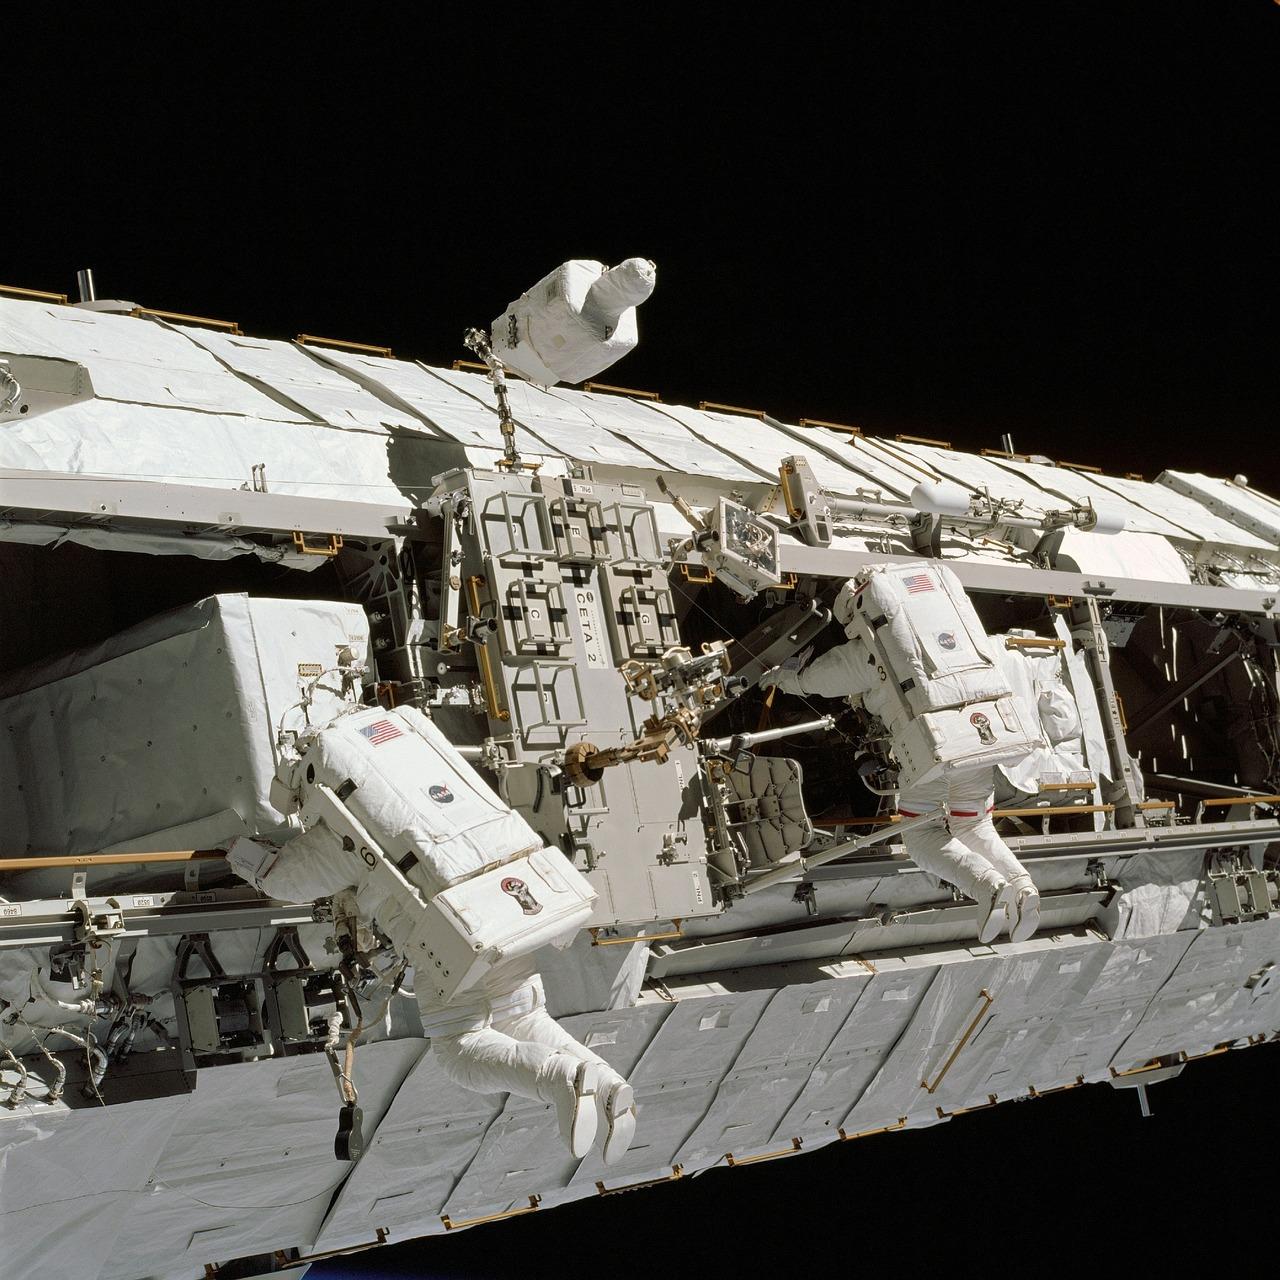 Astronauci Międzynarodowej Stacji Kosmicznej podczas prac w przestrzeni kosmicznej.